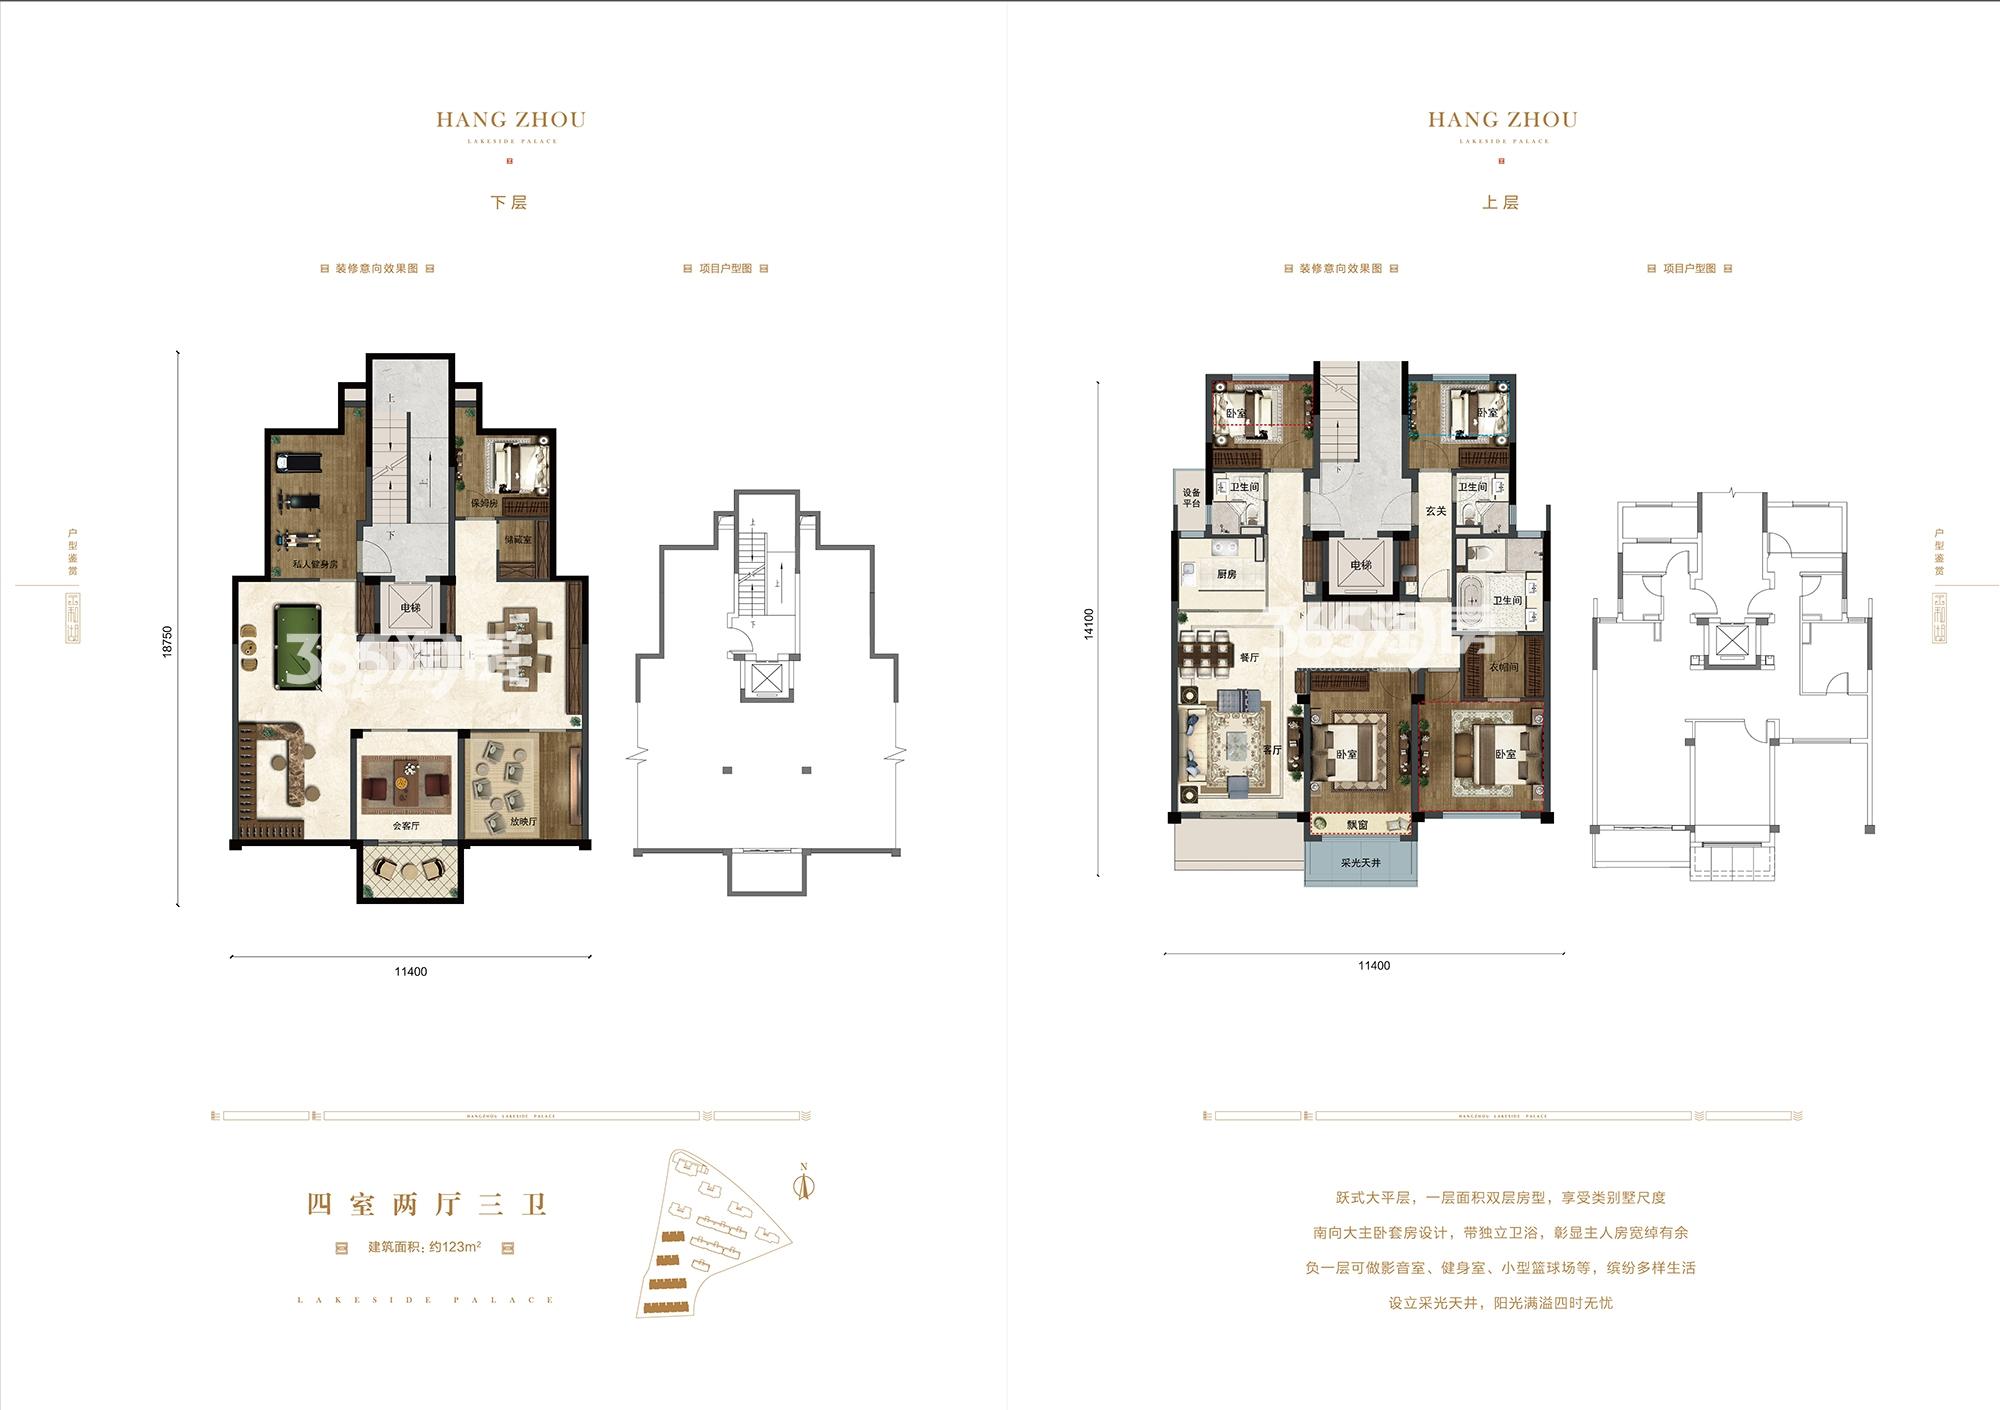 绿都云和湖6-9号楼A1户型123方户型图(已售)